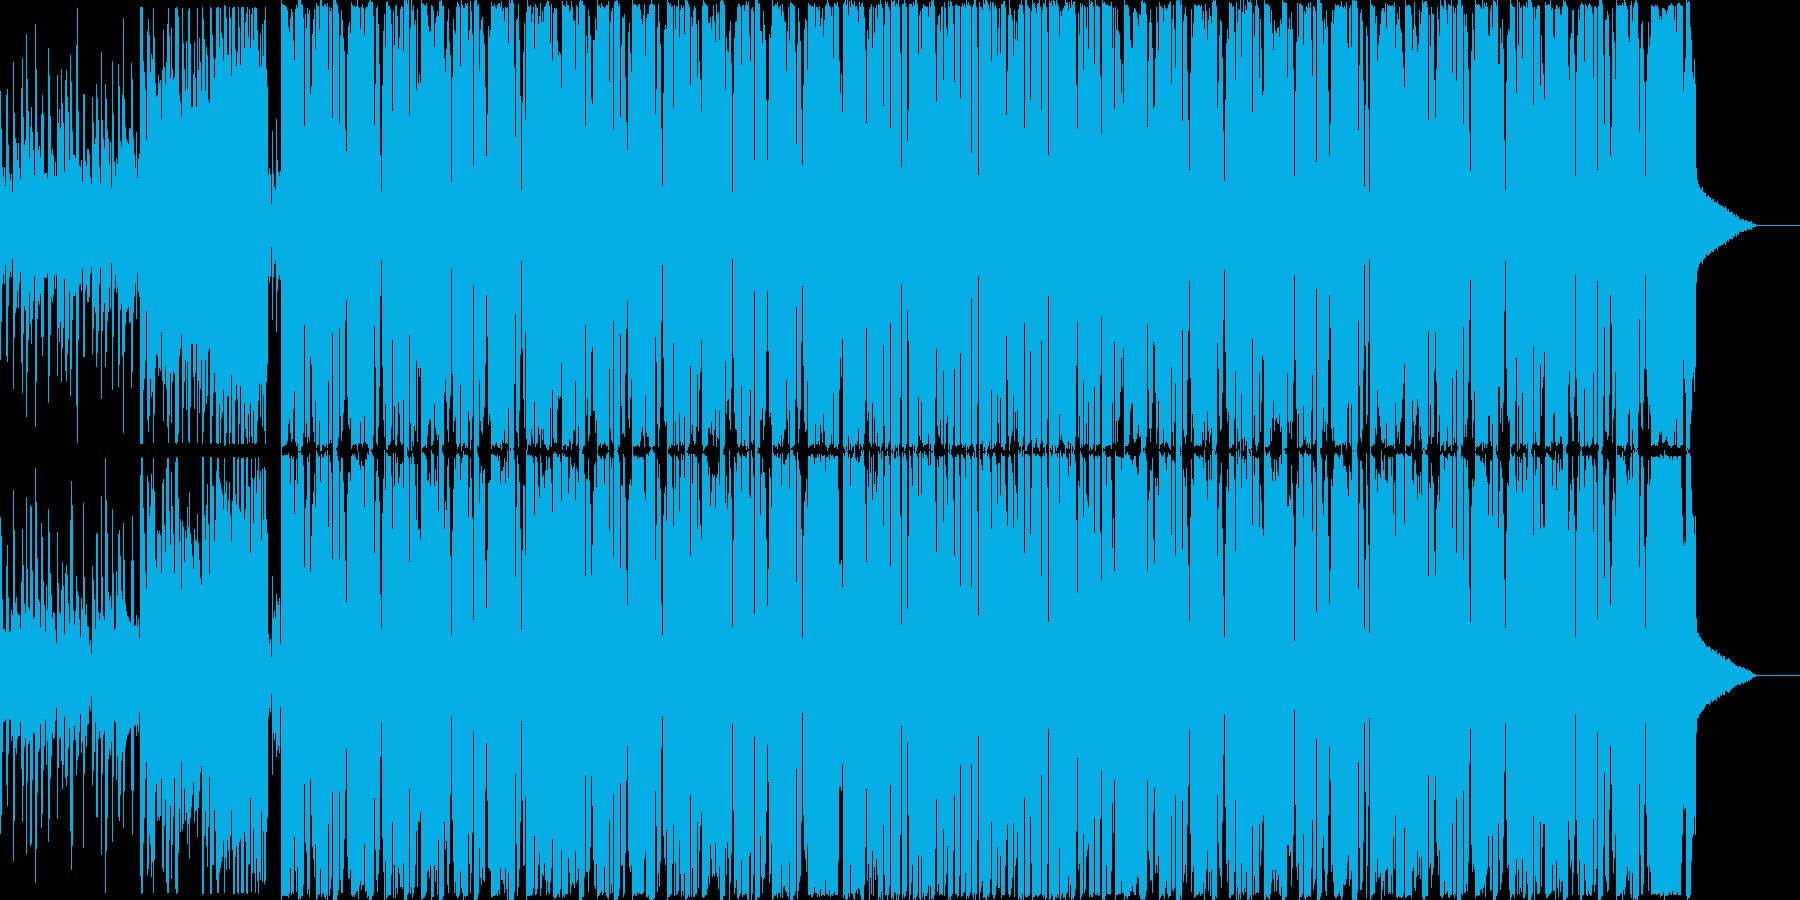 シンプルでかっこいいダブステップ曲の再生済みの波形